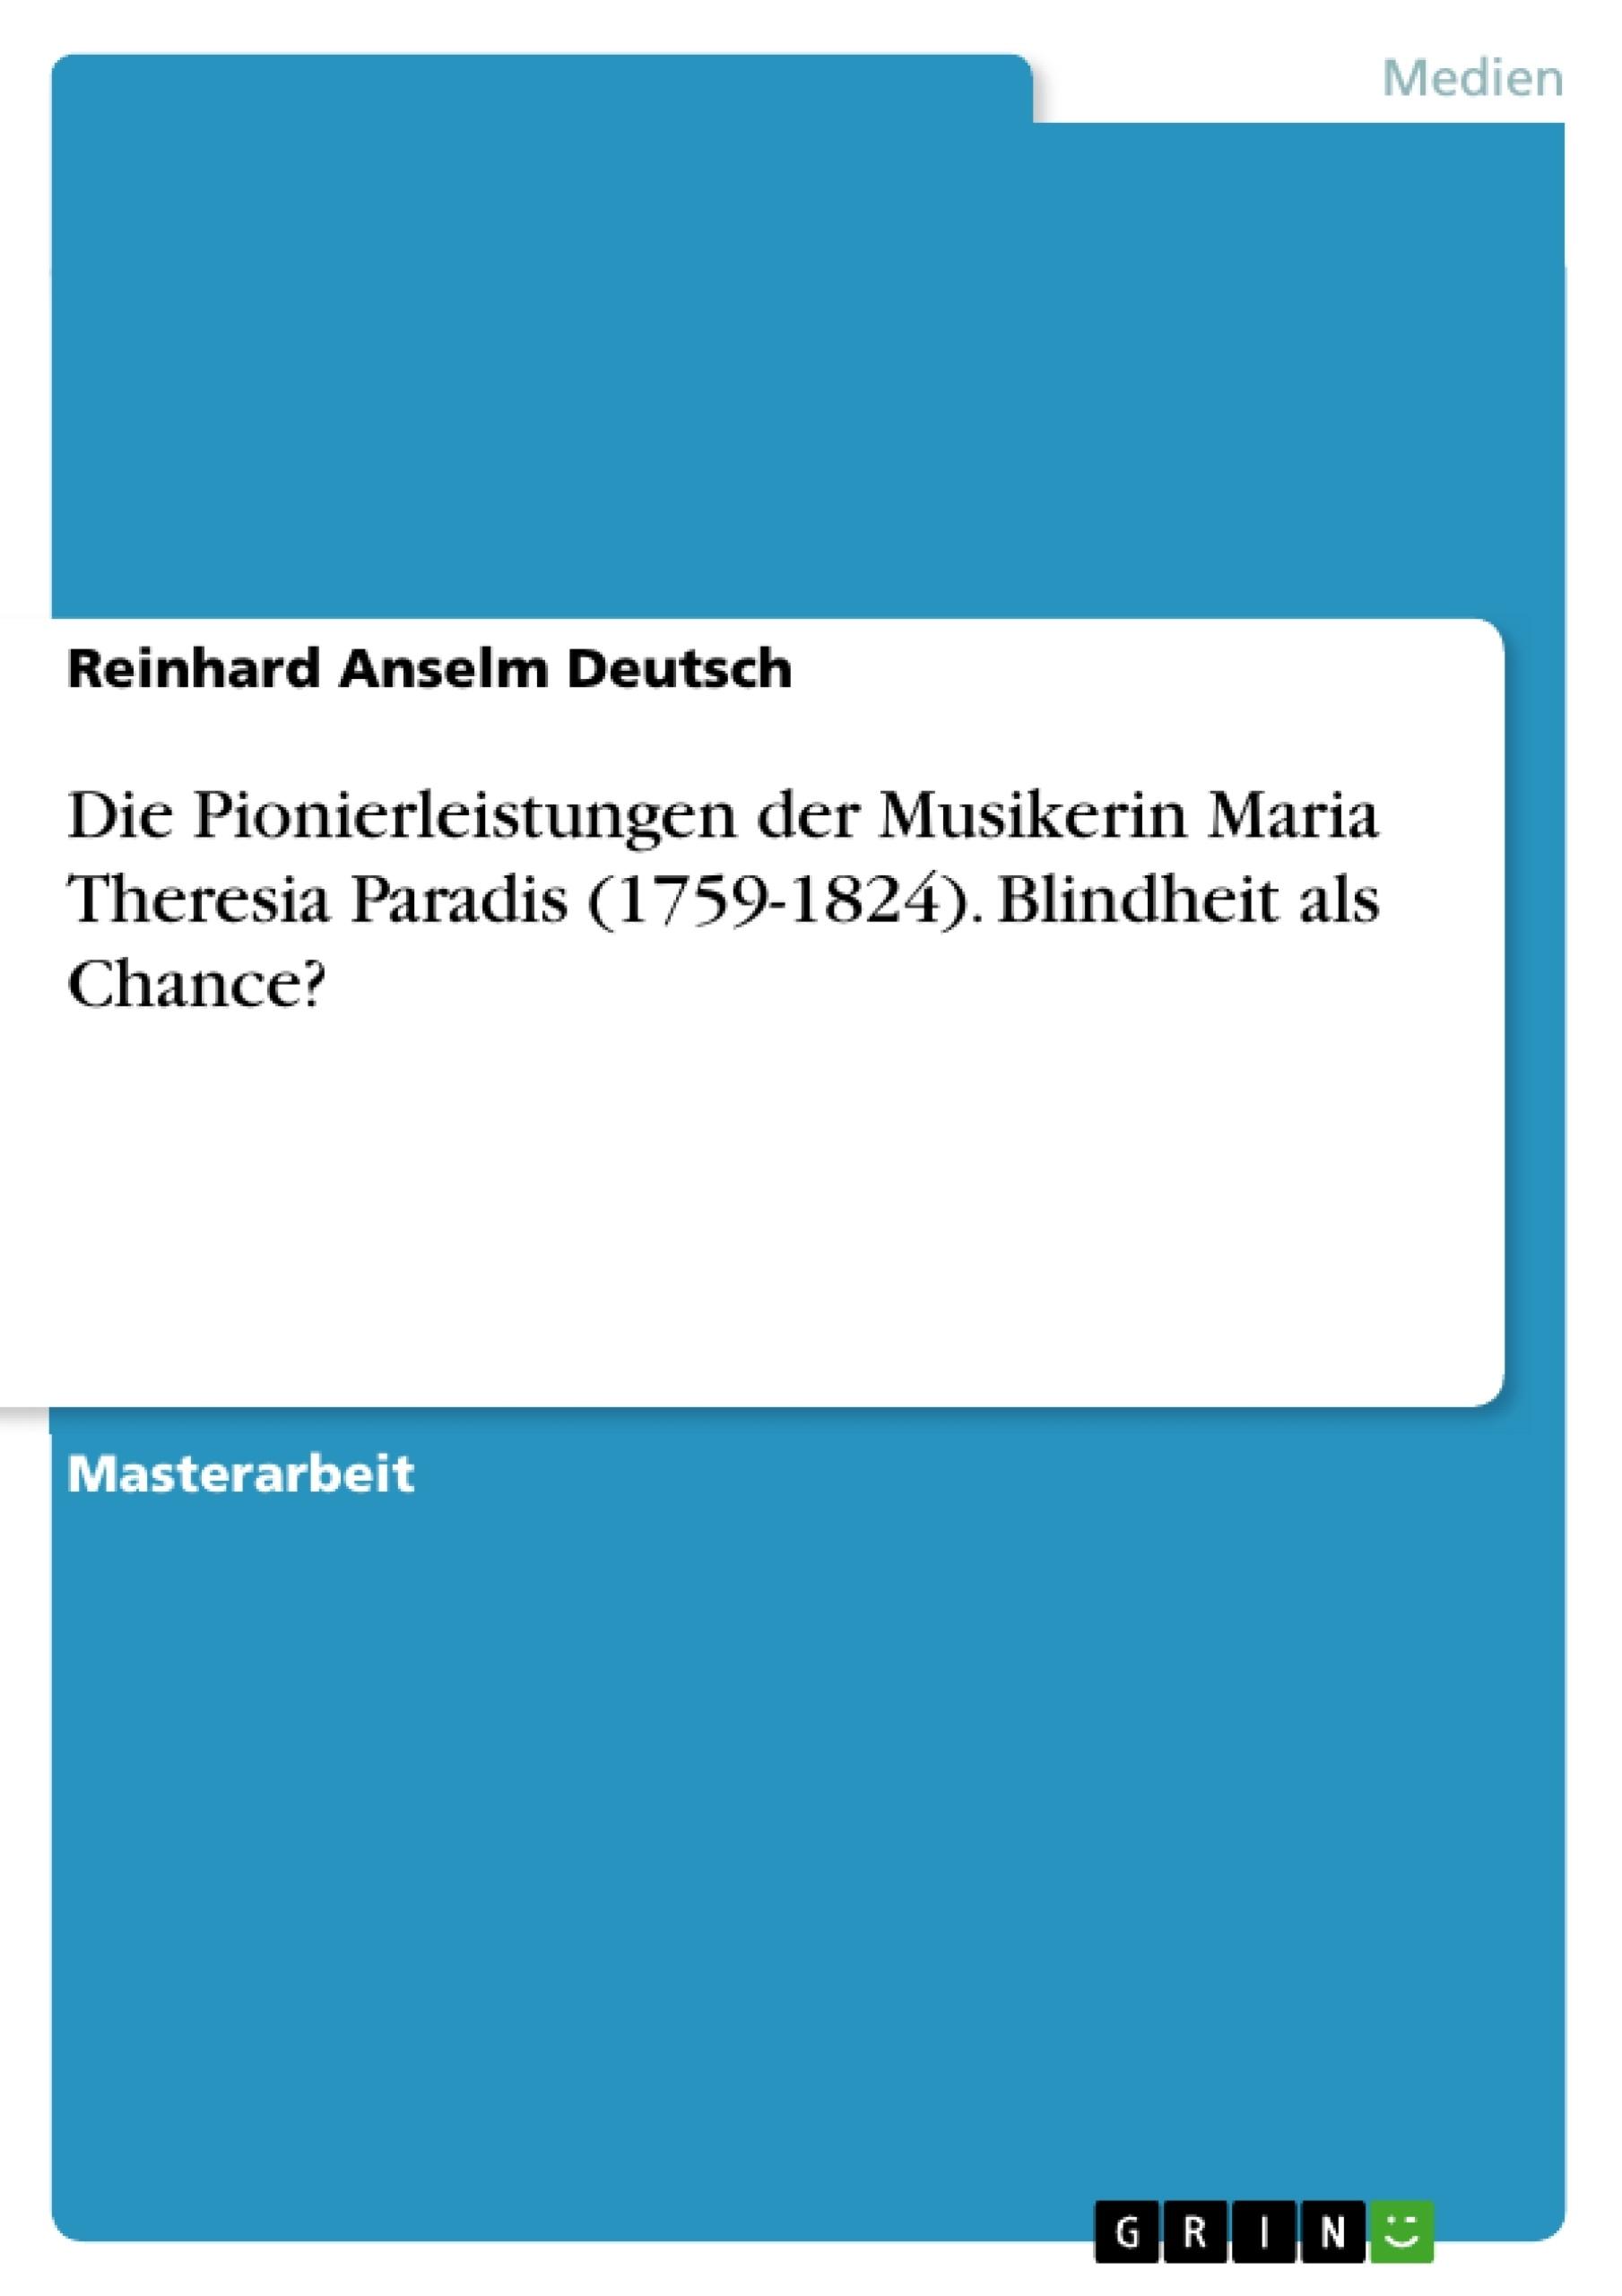 Titel: Die Pionierleistungen der Musikerin Maria Theresia Paradis (1759-1824). Blindheit als Chance?